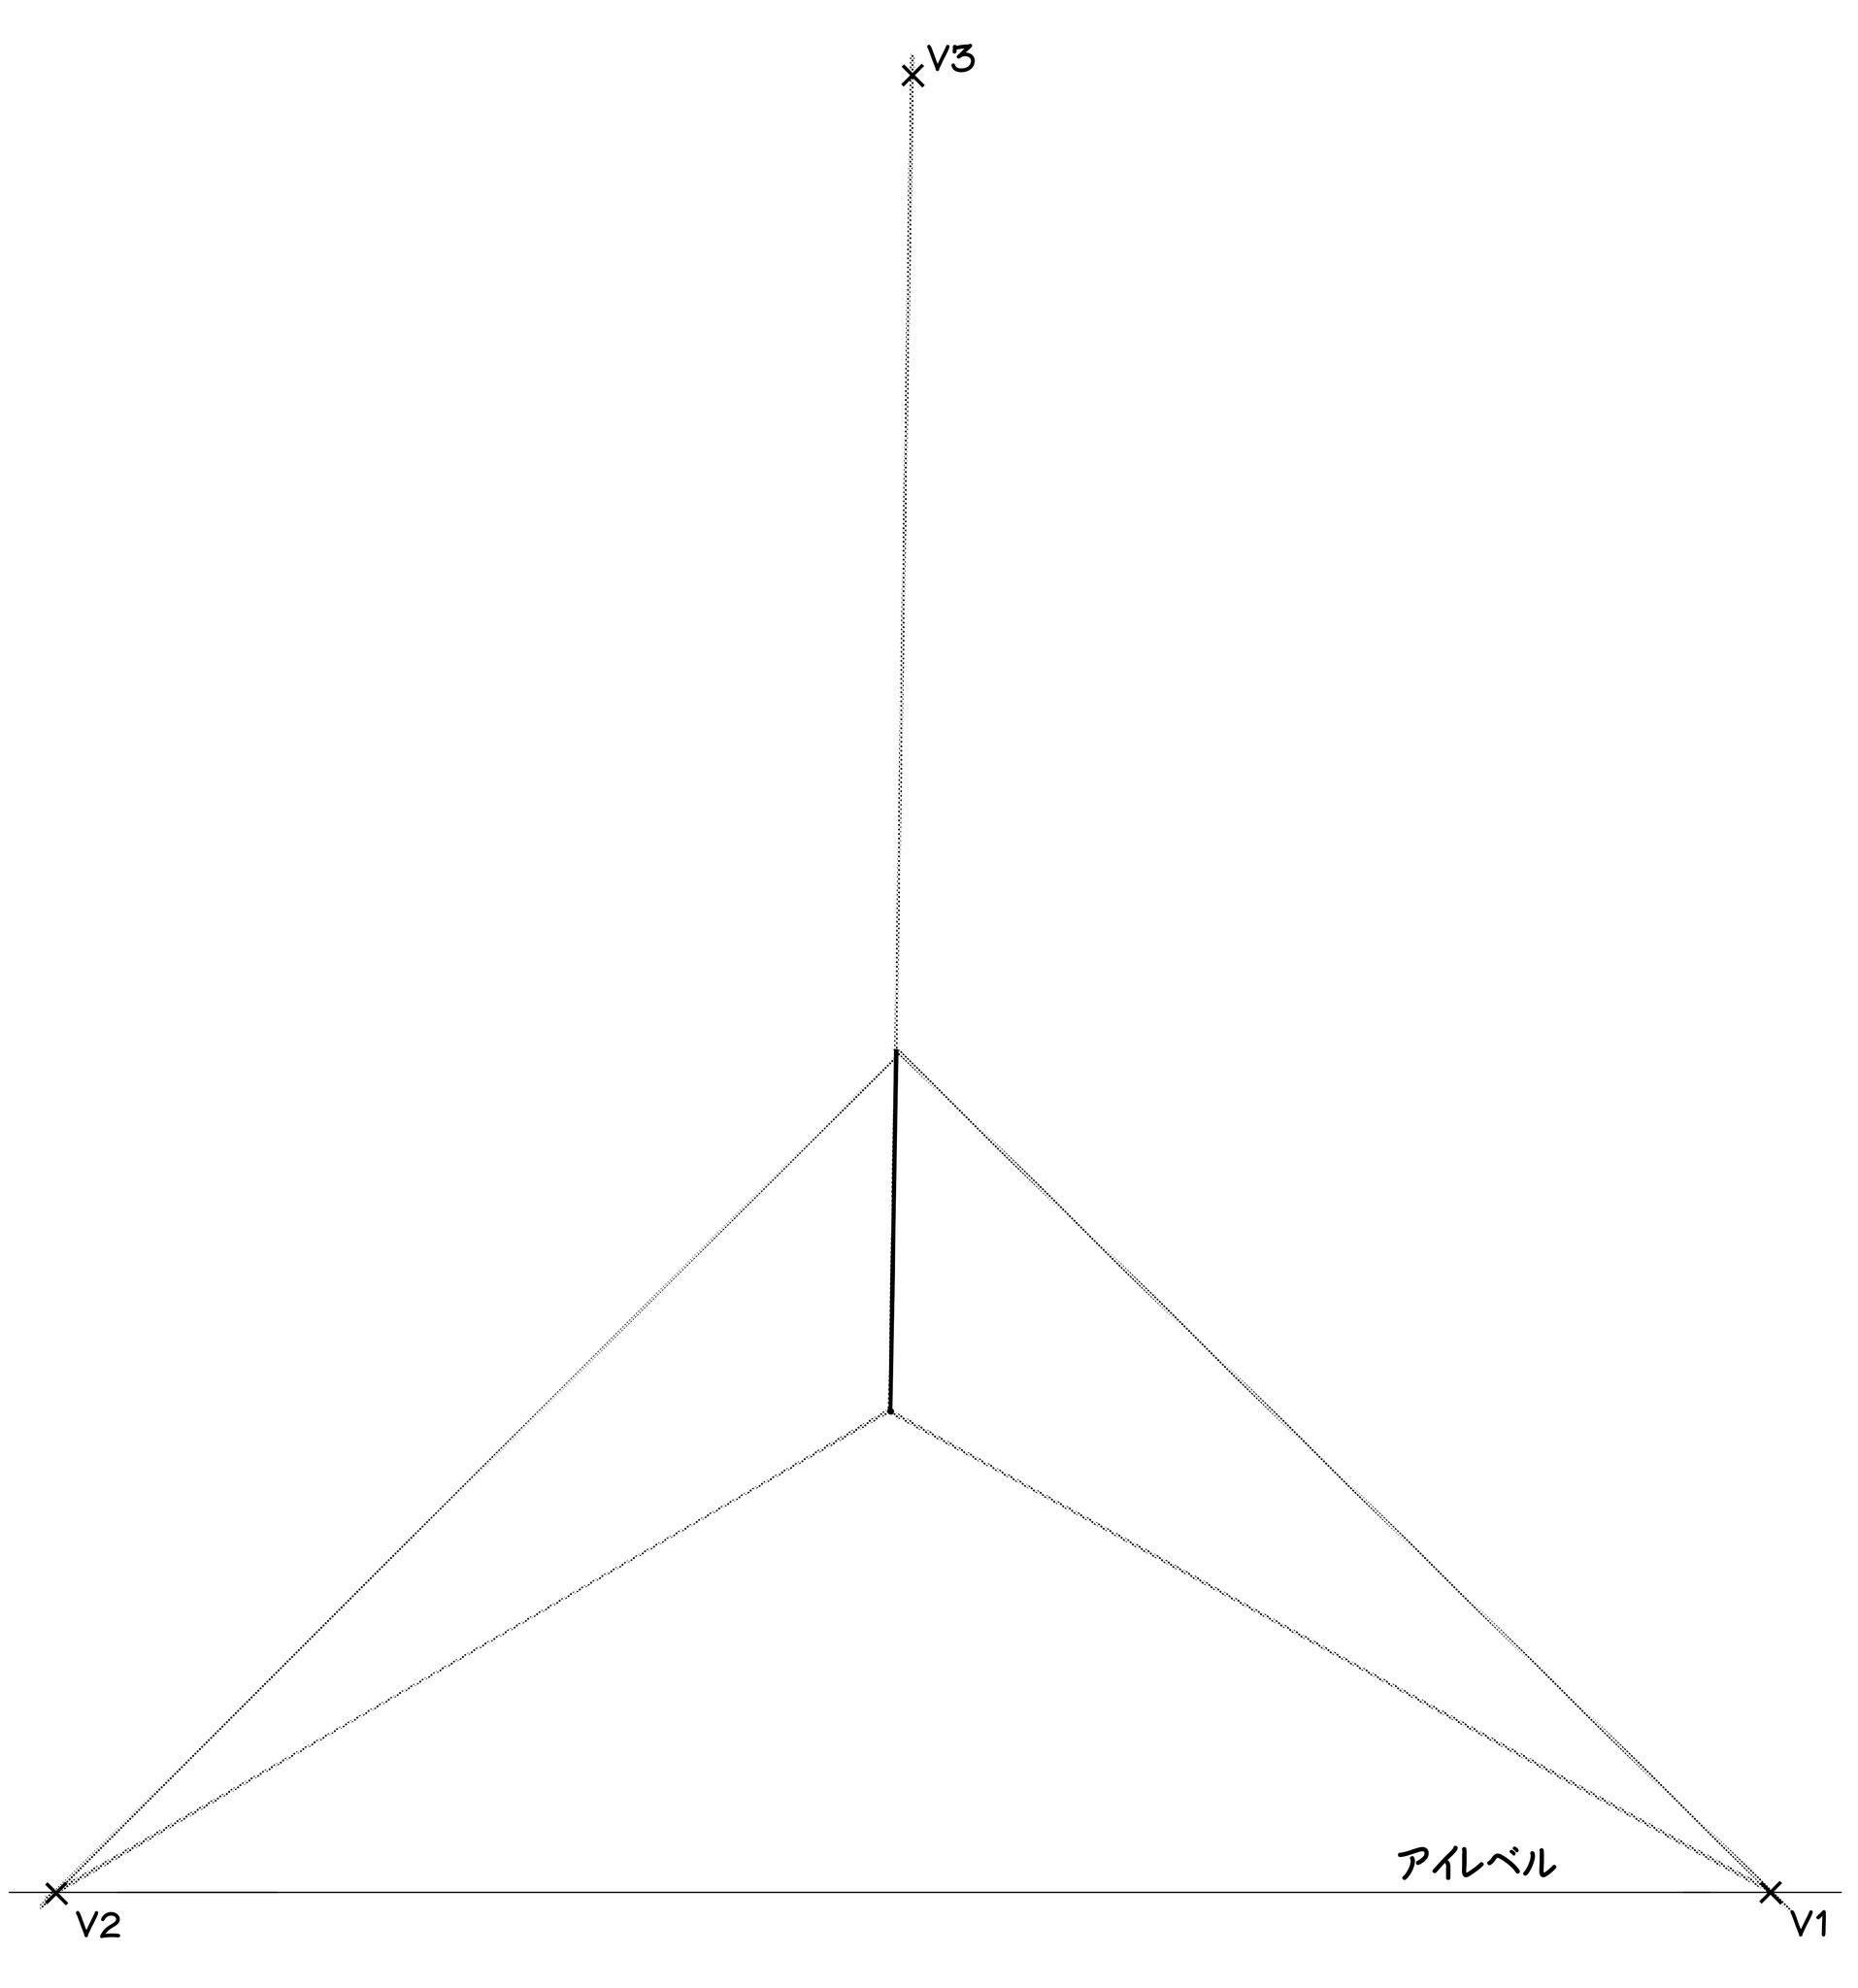 ⑤辺の上端と下端からV1V2に向かって、縦方向と横方向の補助線を引きます。